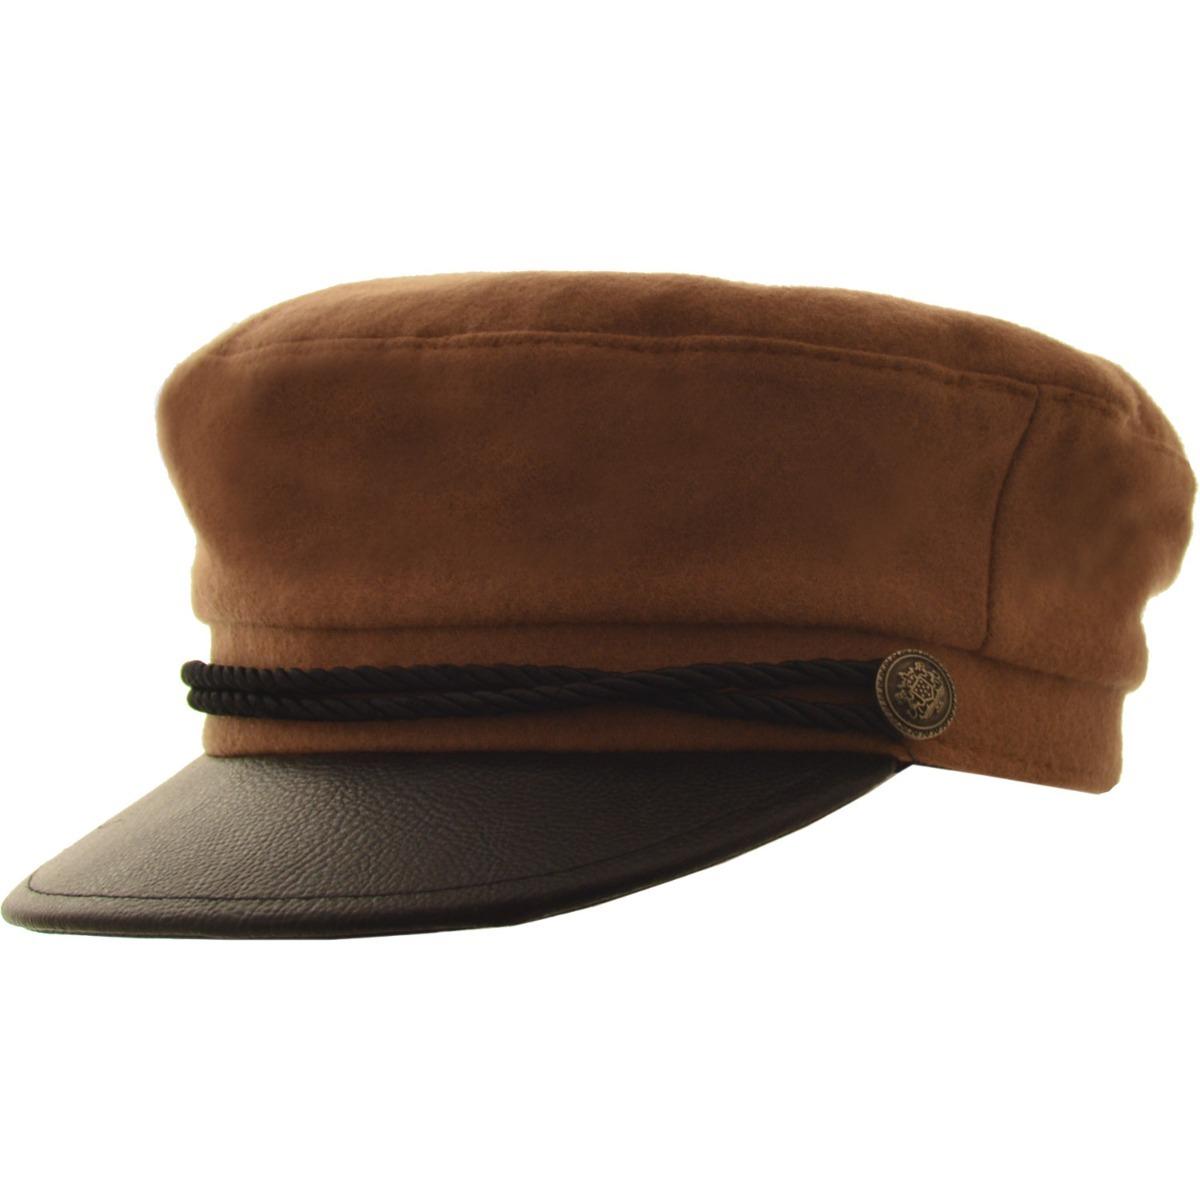 cfcdbea9470df Características. Marca Compañia de Sombreros  Modelo Gorra Capitan Paño  Clasica ...